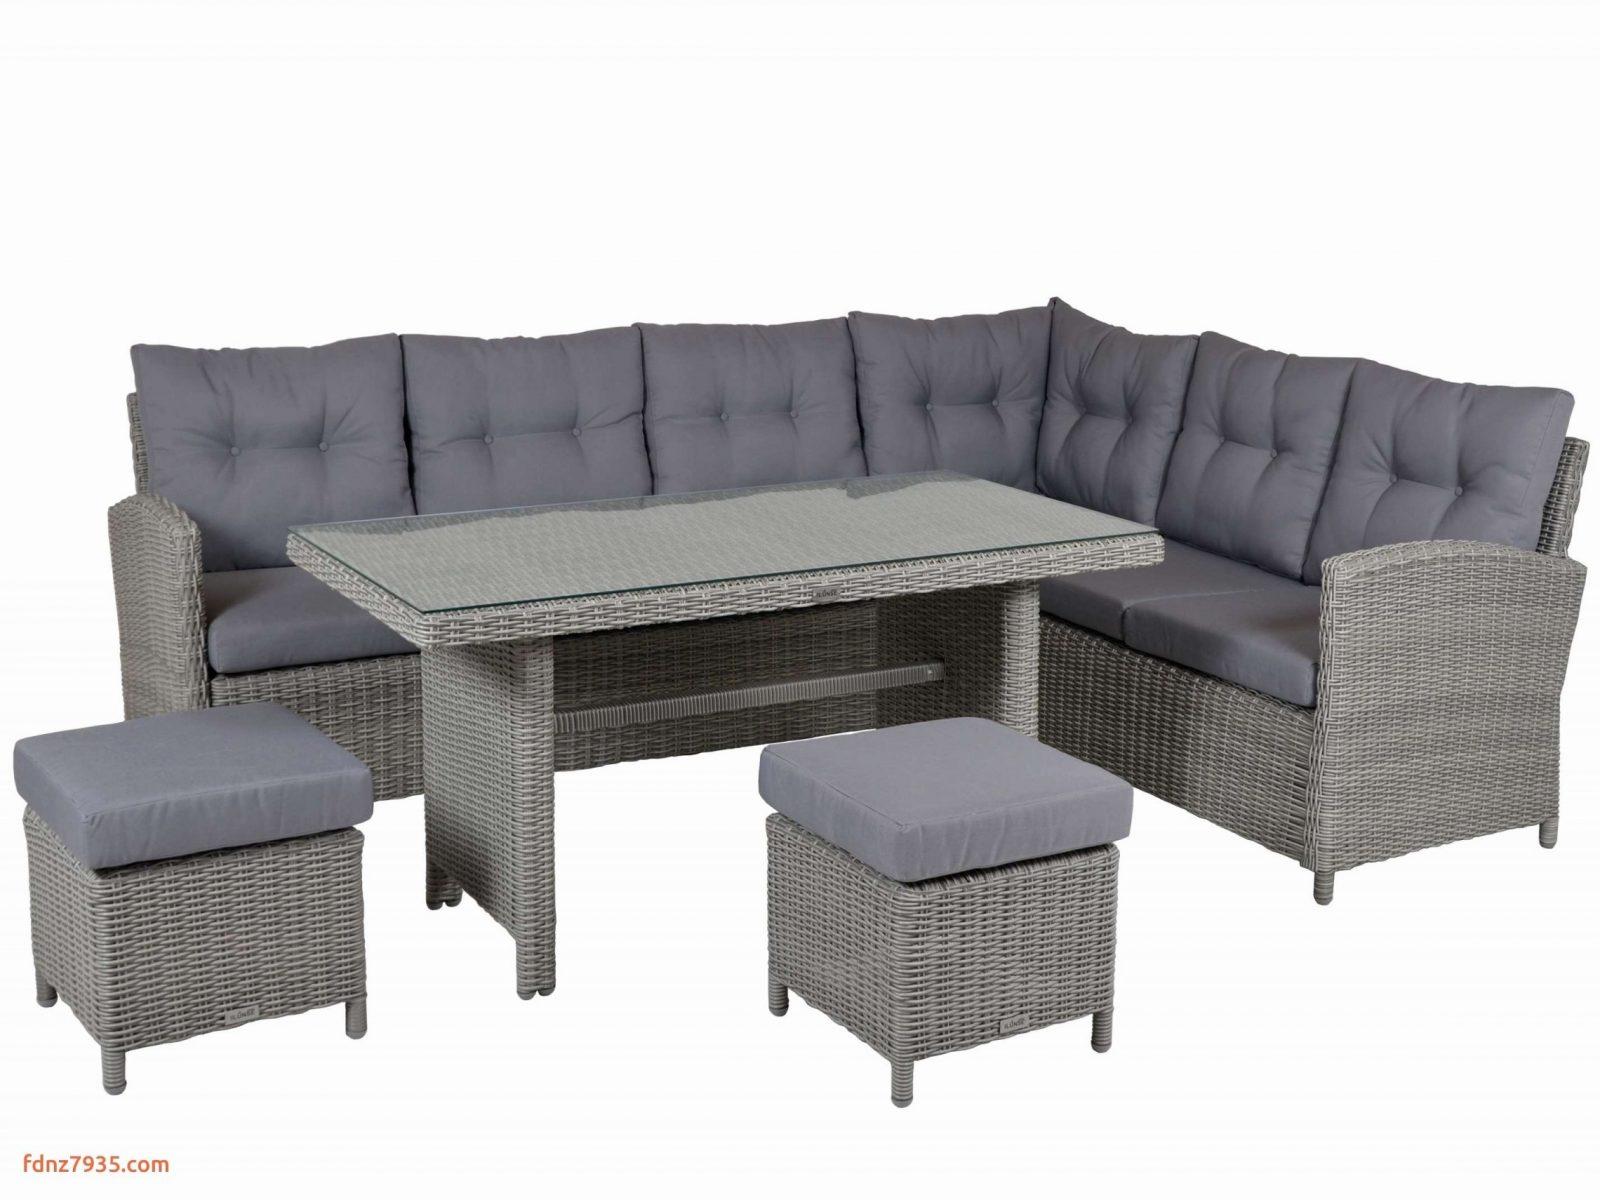 48 Luxus Rattan Couch Balkon Bilder  Komplette Dekoration Frühling von Rattan Couch Mit Schlaffunktion Bild